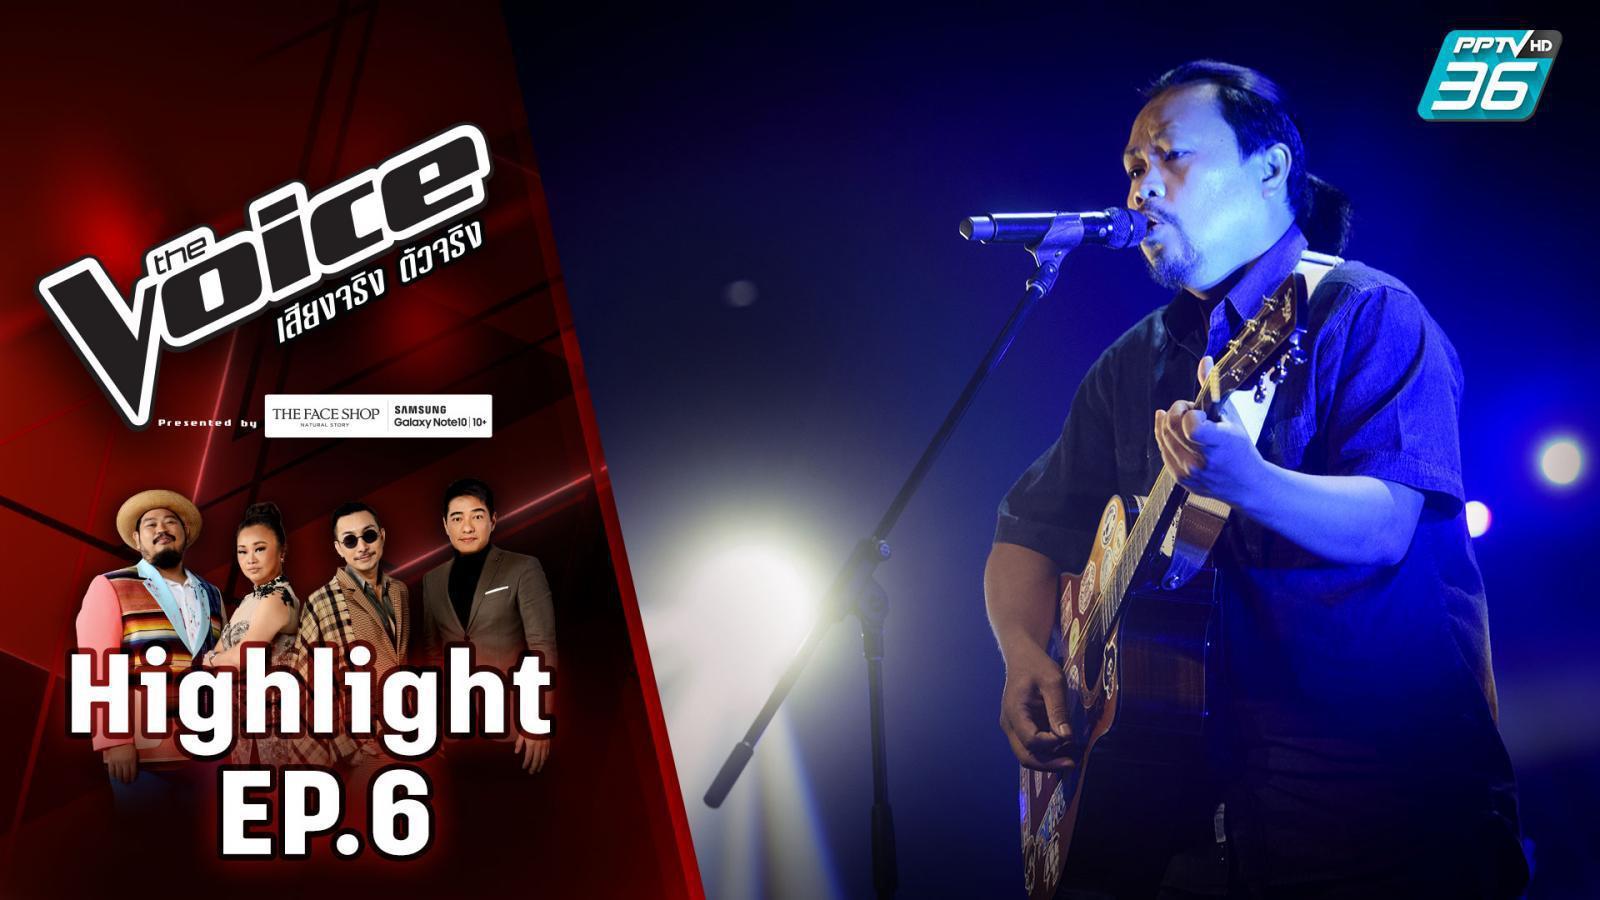 The Voice 2019 | การร้องเพลงถ่ายทอดอารมณ์สุดลึกซึ้ง | Highlight EP6